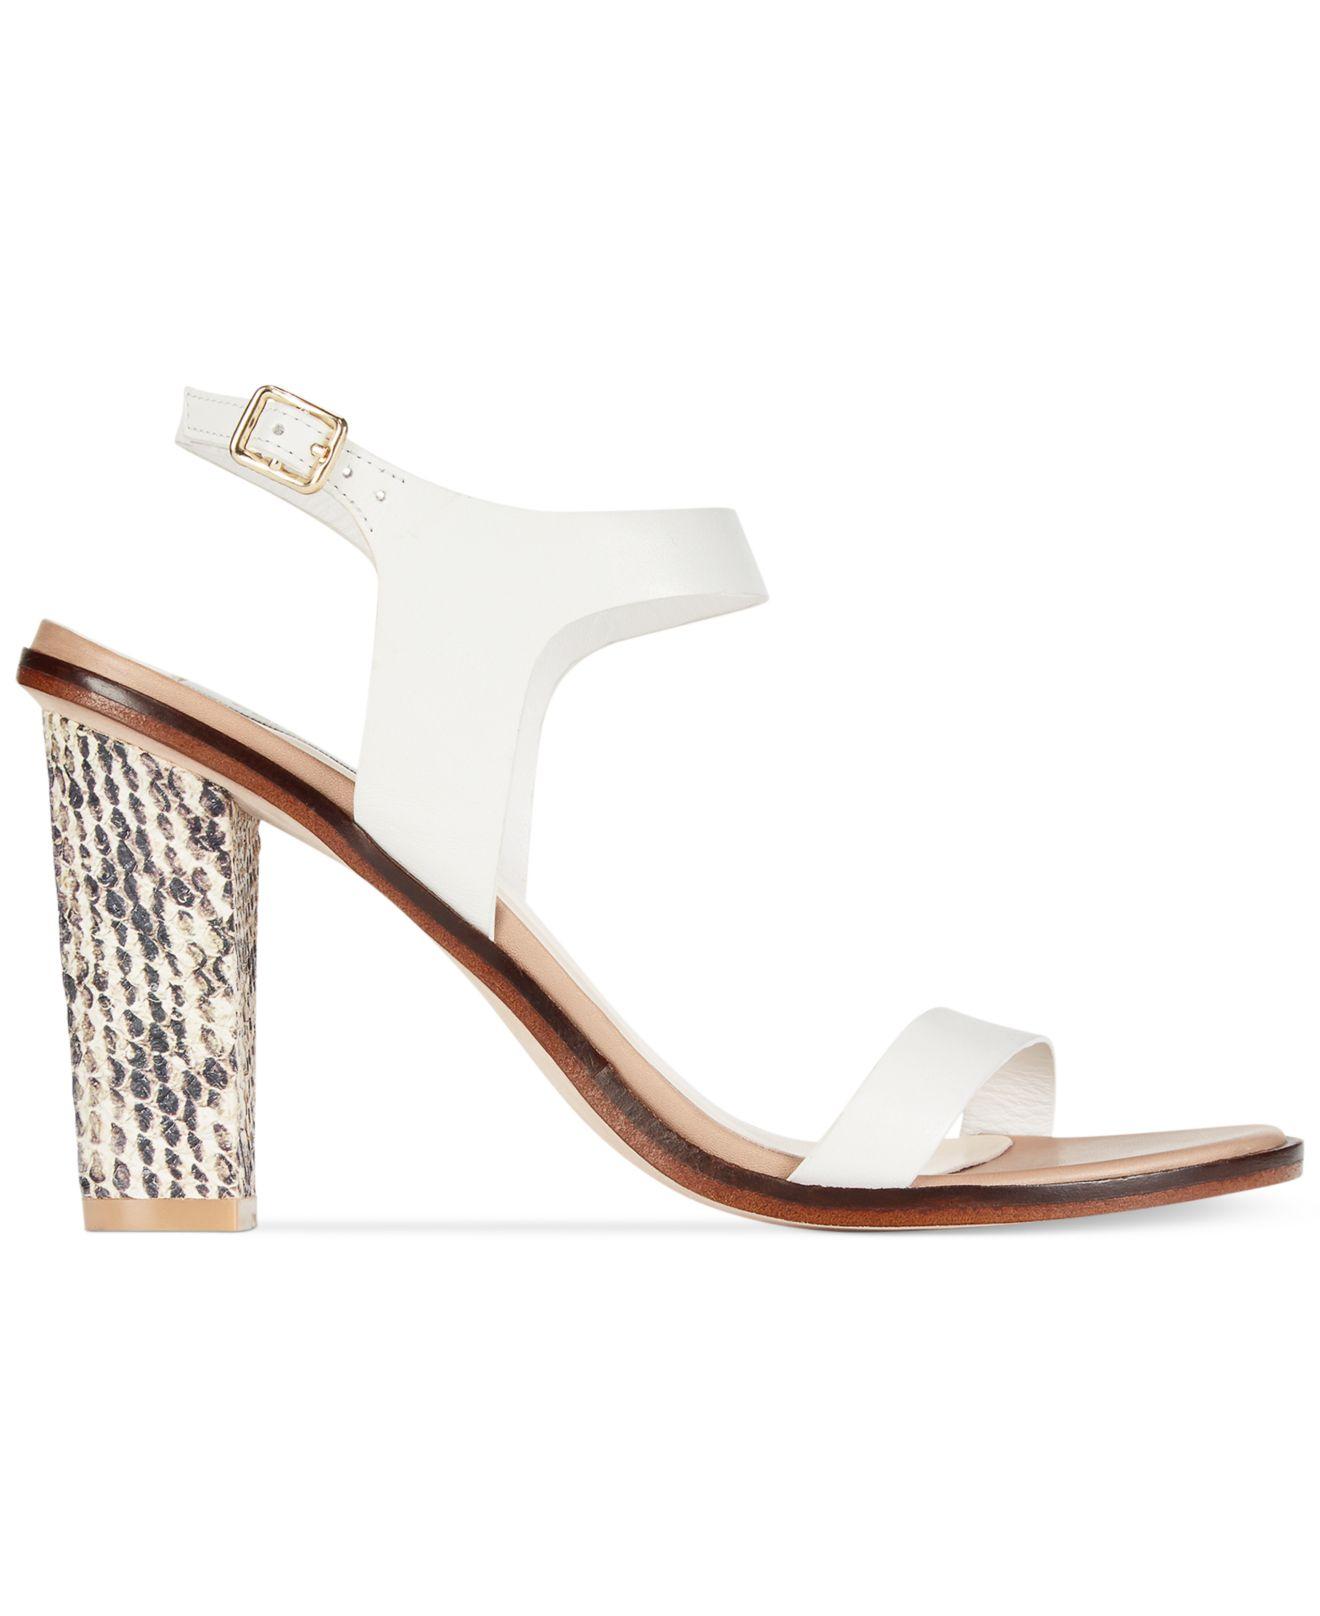 16a3bb7e12cd Lyst - Cole Haan Women S Cambon High Heel Sandals